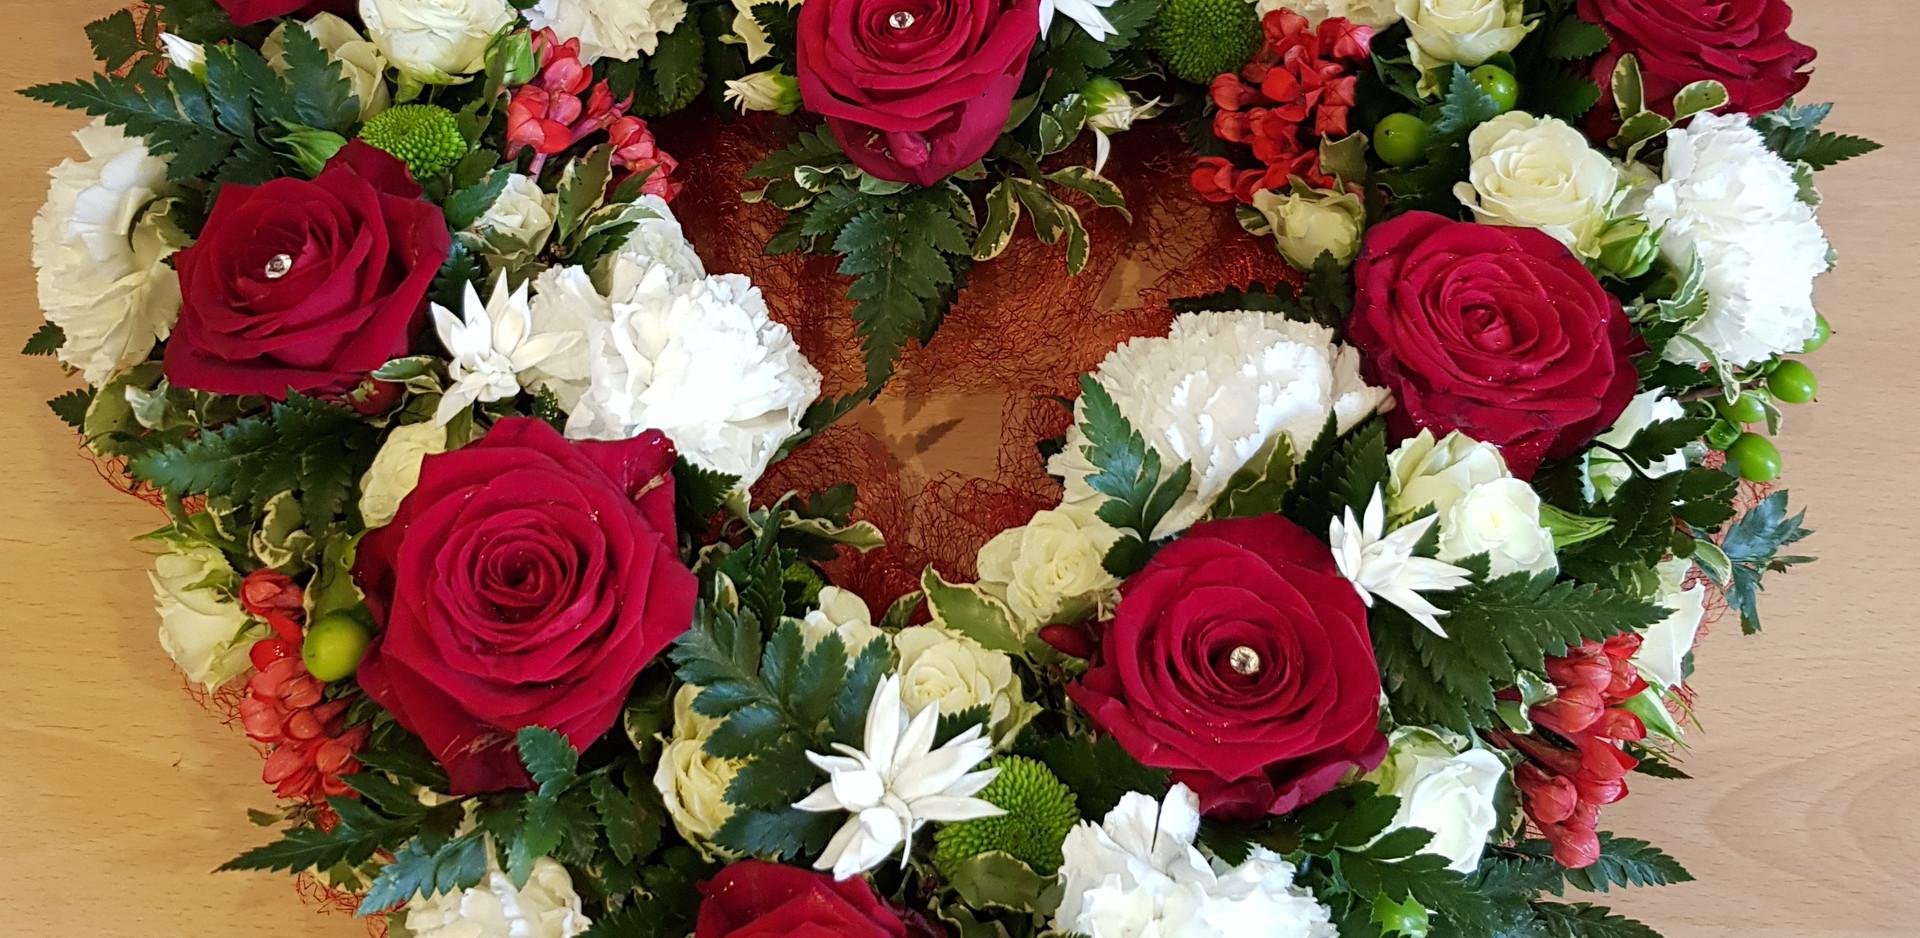 open heart tribute.jpg